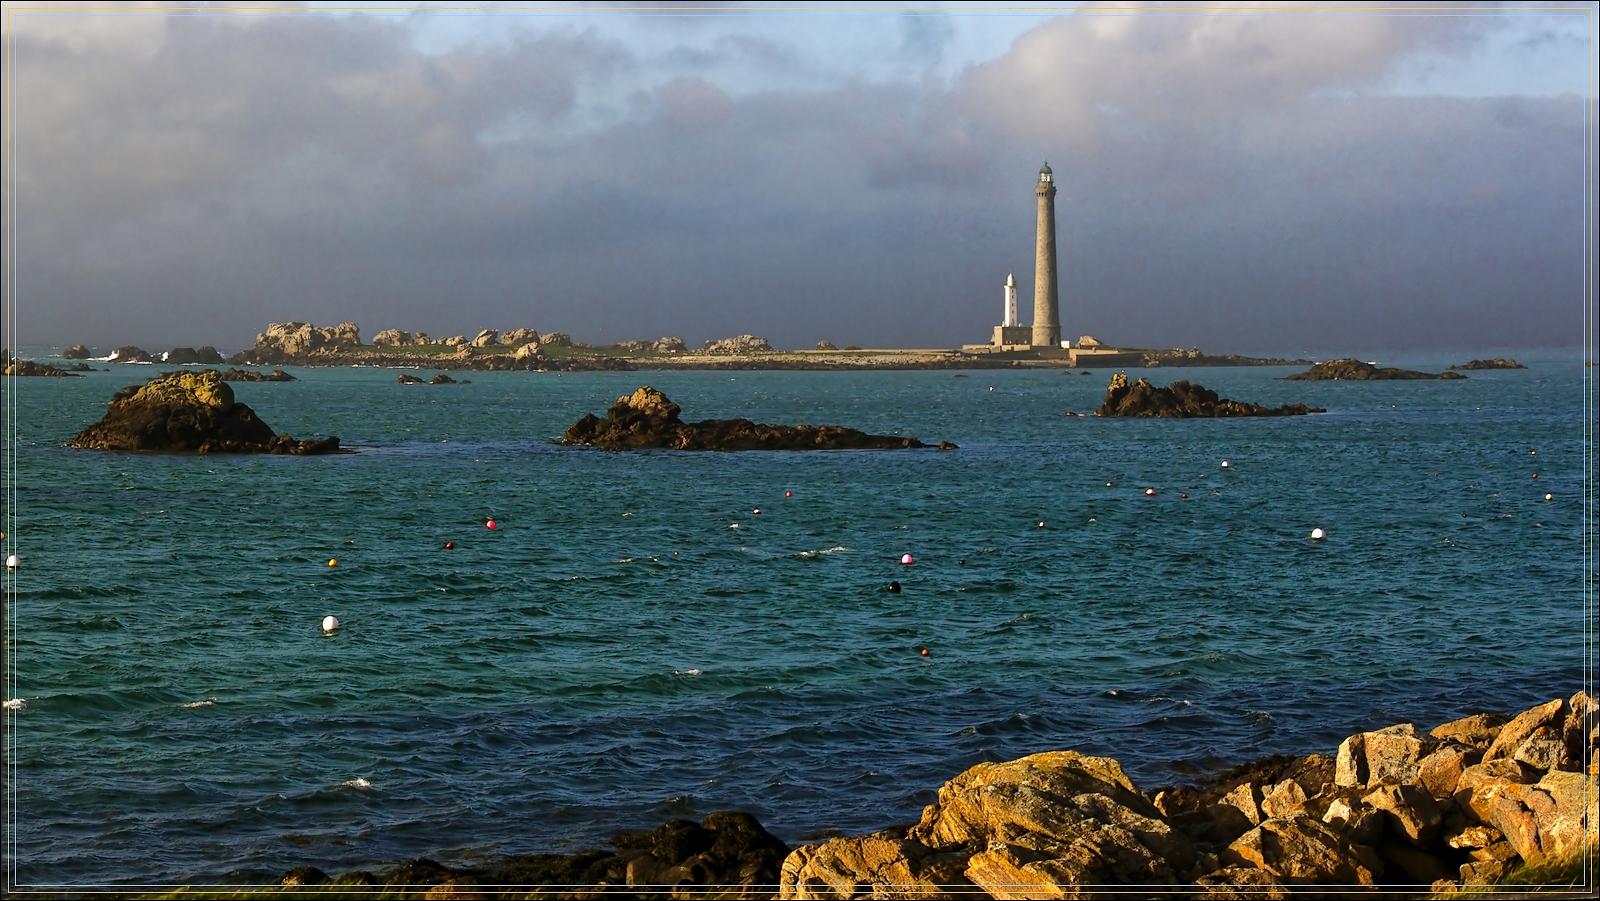 Le phare de l'île vierge.